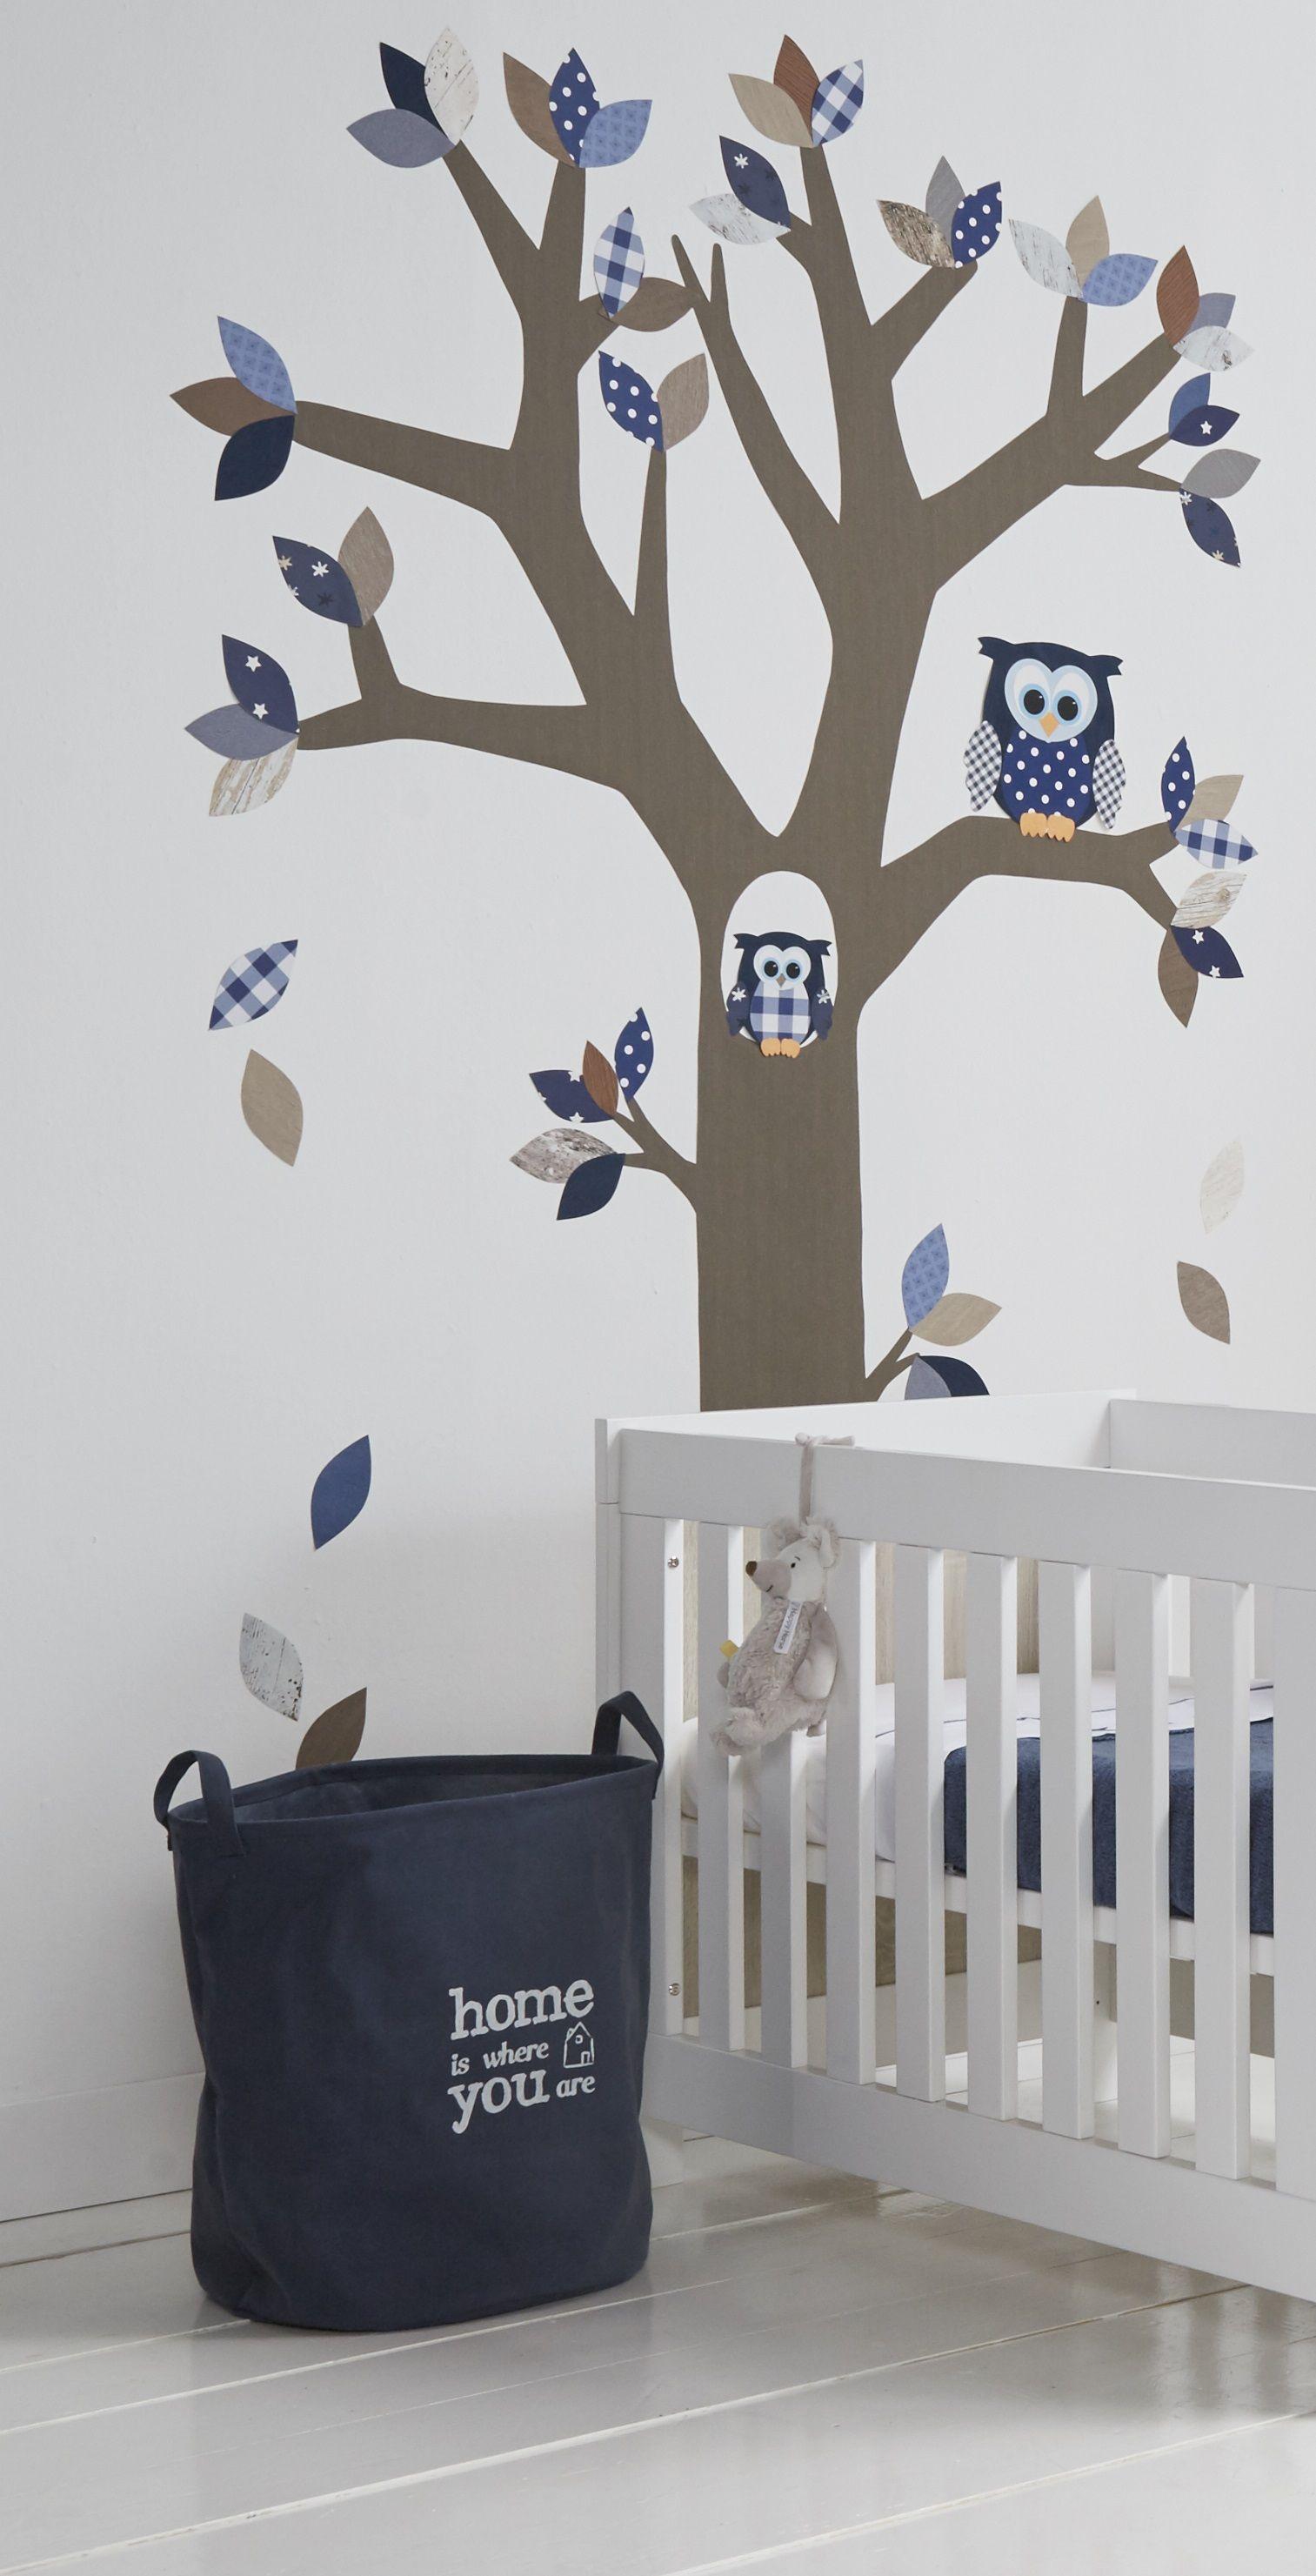 Muurdecoratie Hout Kinderkamer.Winnie The Pooh Muurdecoratie